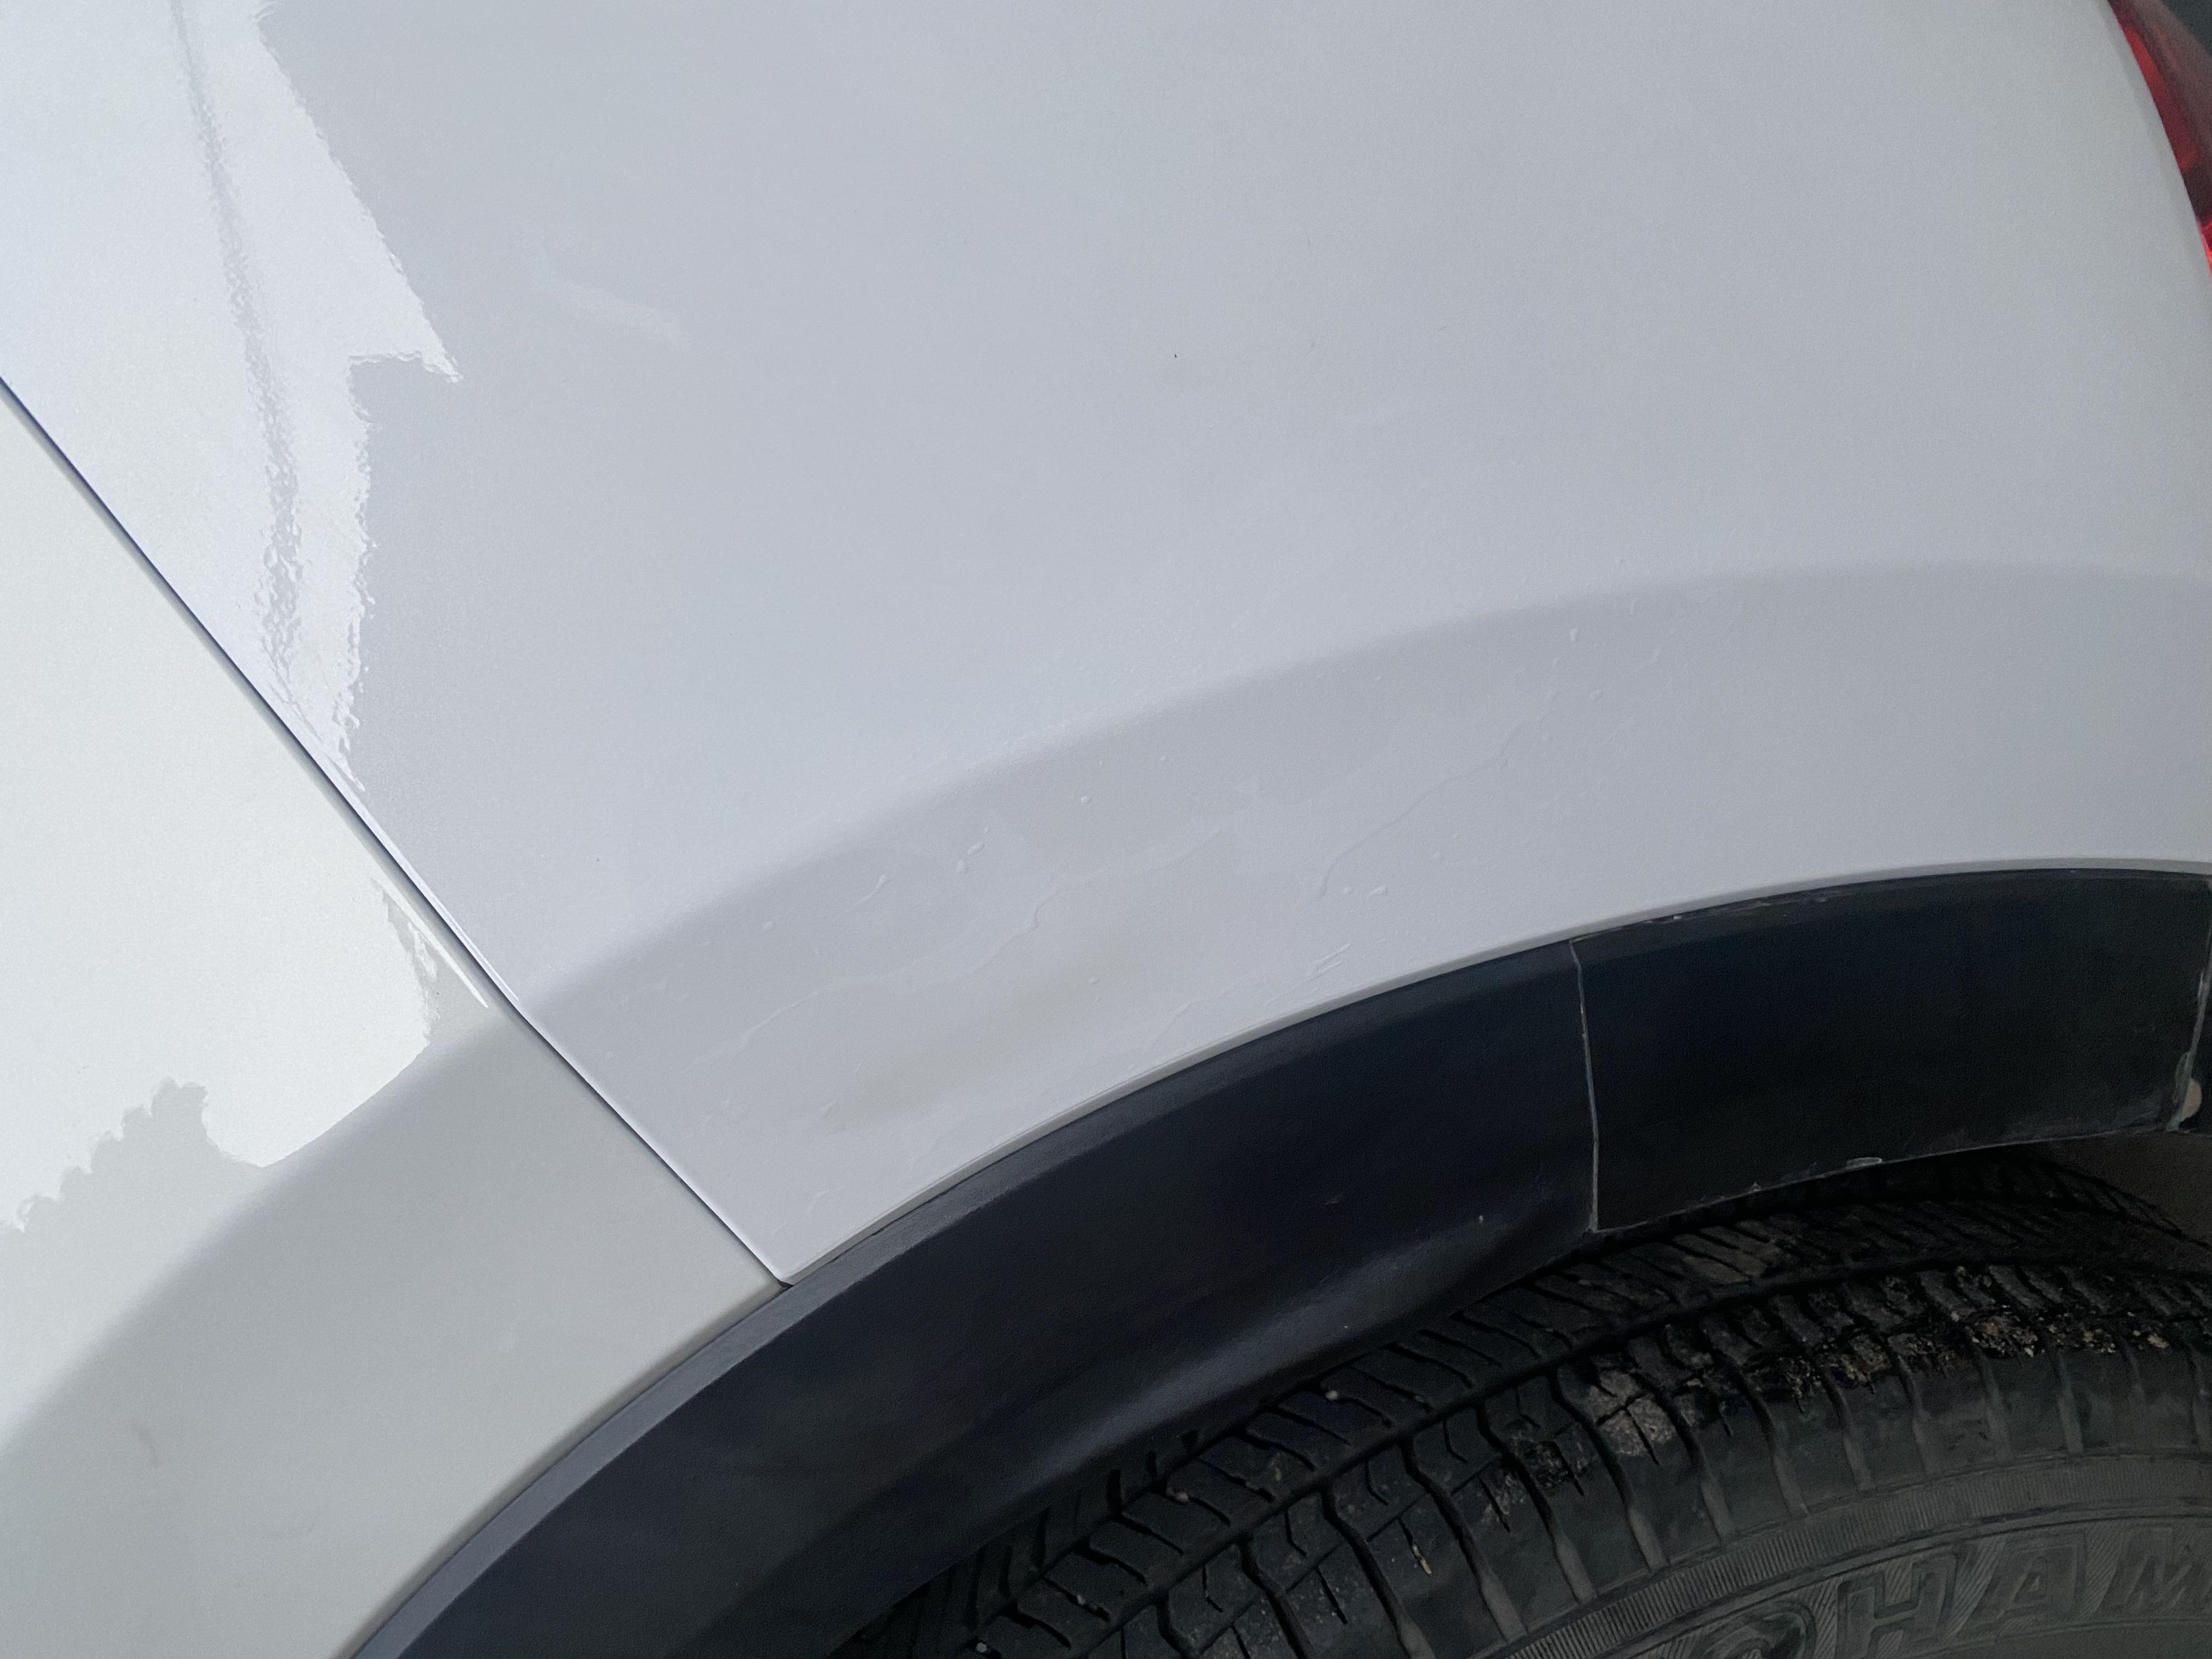 长安马自达-CX-5汽车4S店维修技术差,造成更换后的保险杠出现缝隙大和油漆存在色差的情况